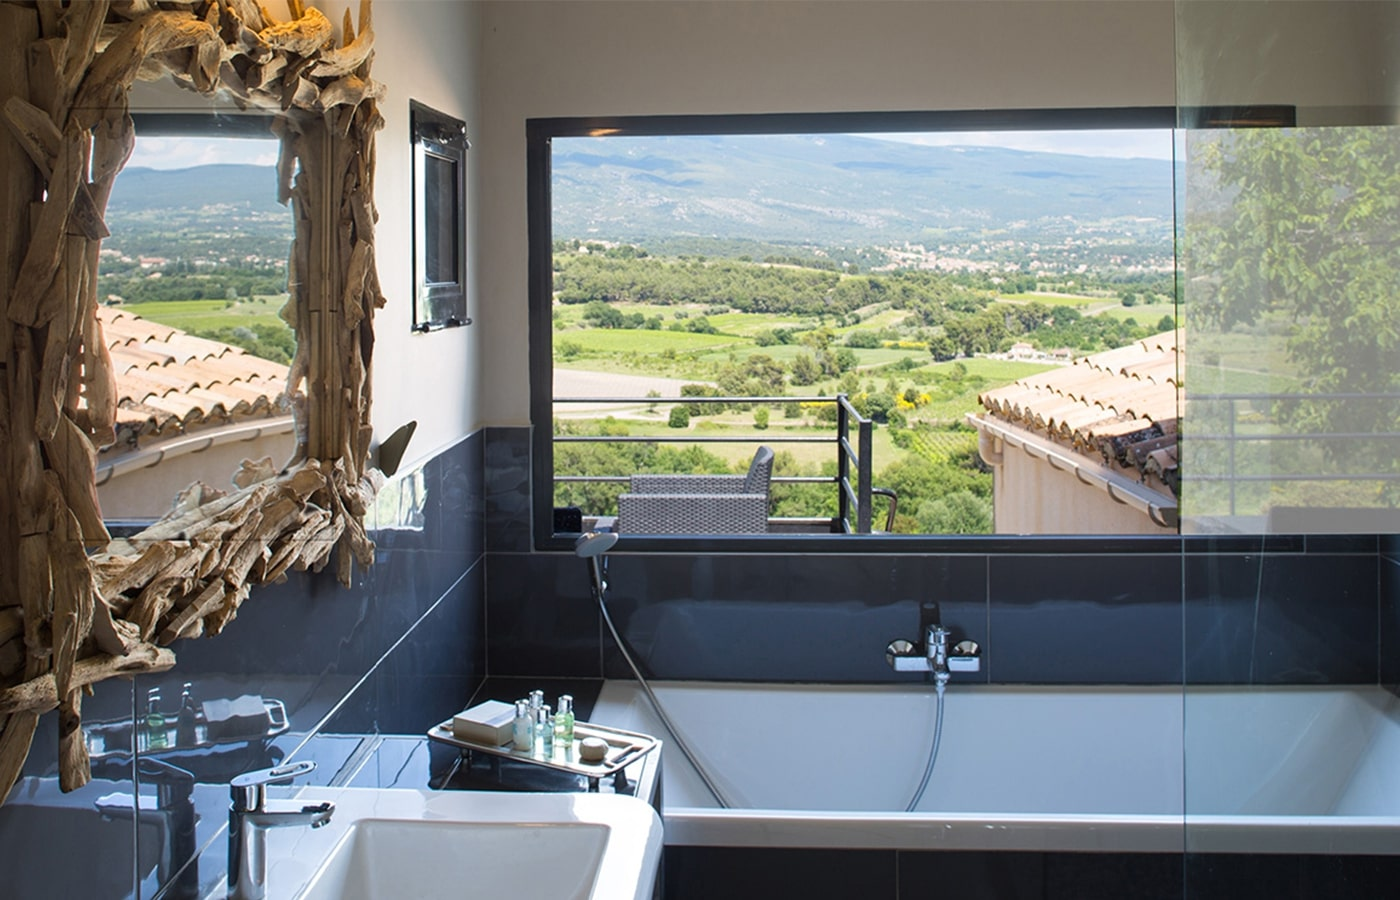 La Maison de Crillon - Hotel de charme avec vue sur le Mont Ventoux